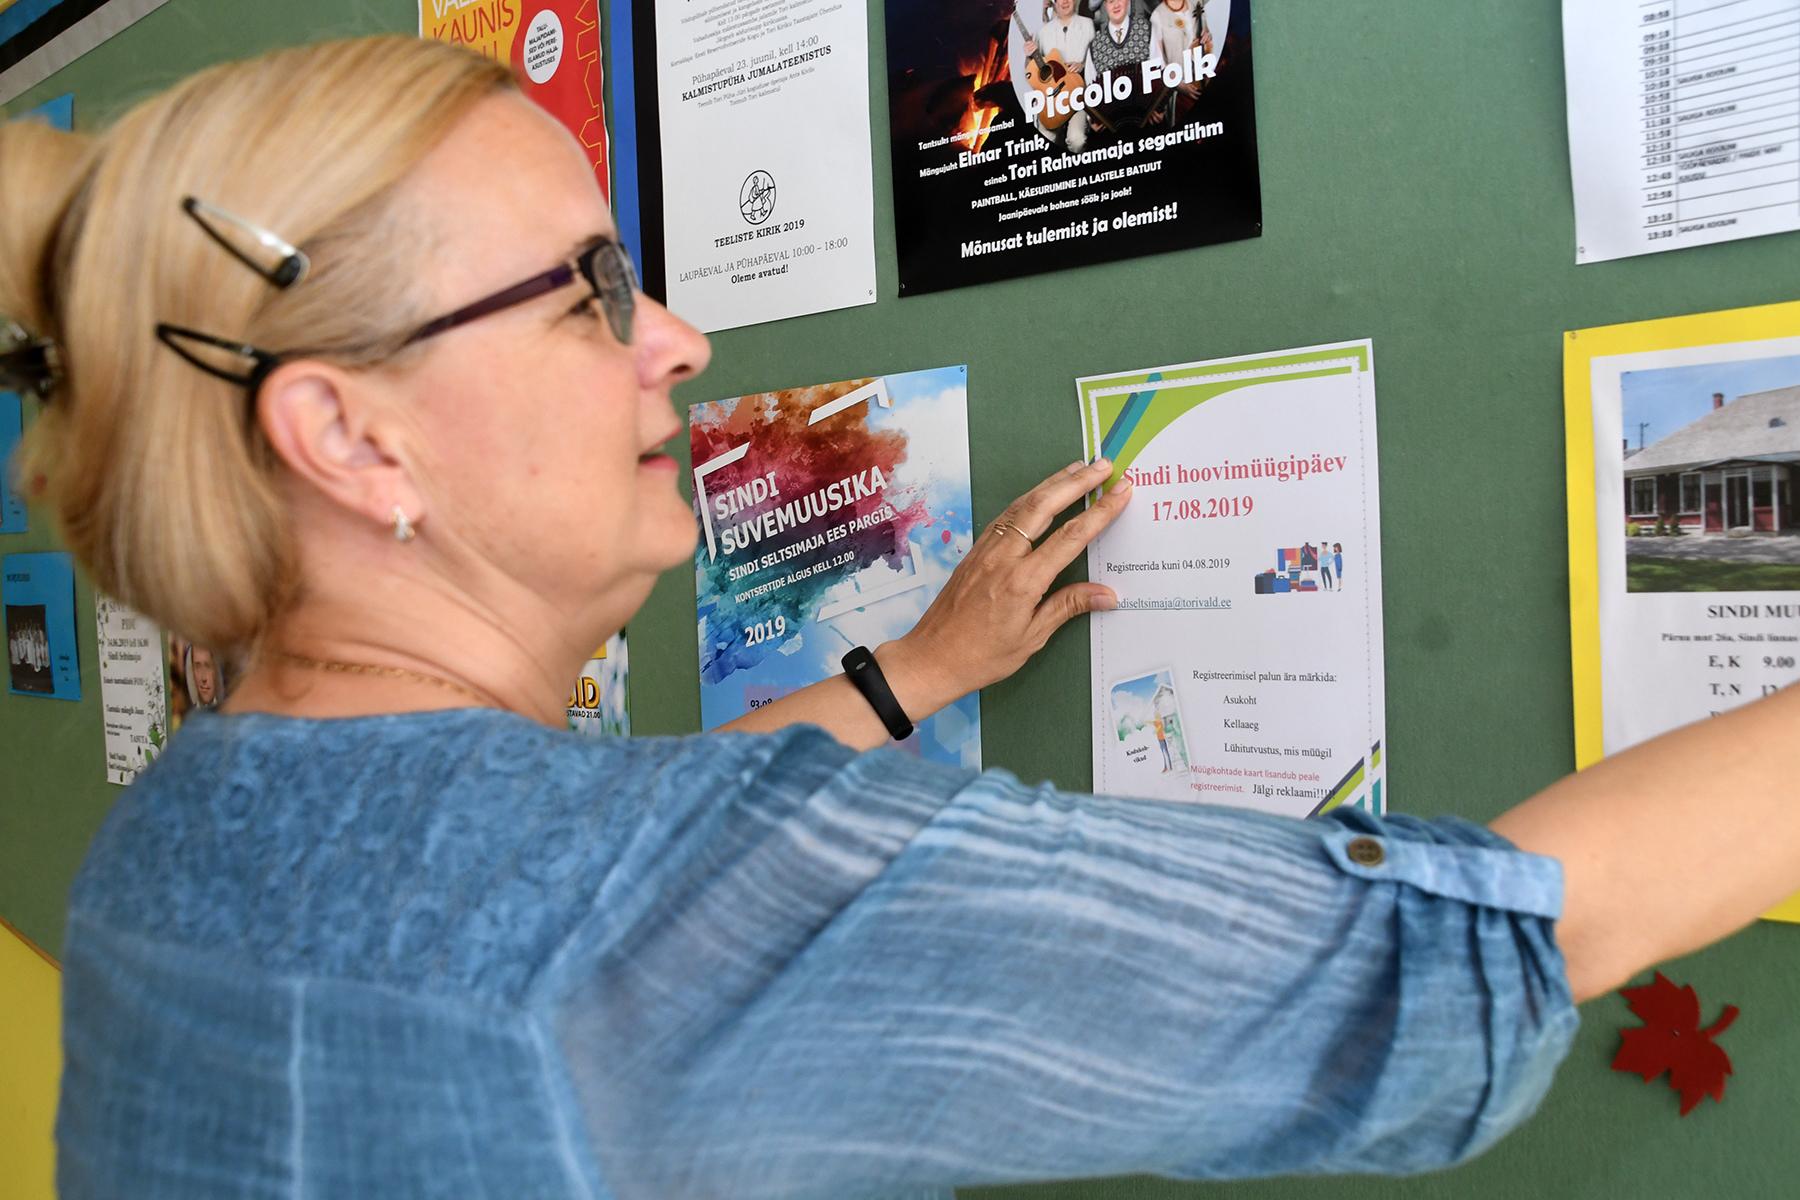 Anneli Uustalu kinnitab Sindi hoovimüügipäeva plakati teadetetahvlile. Foto Urmas Saard